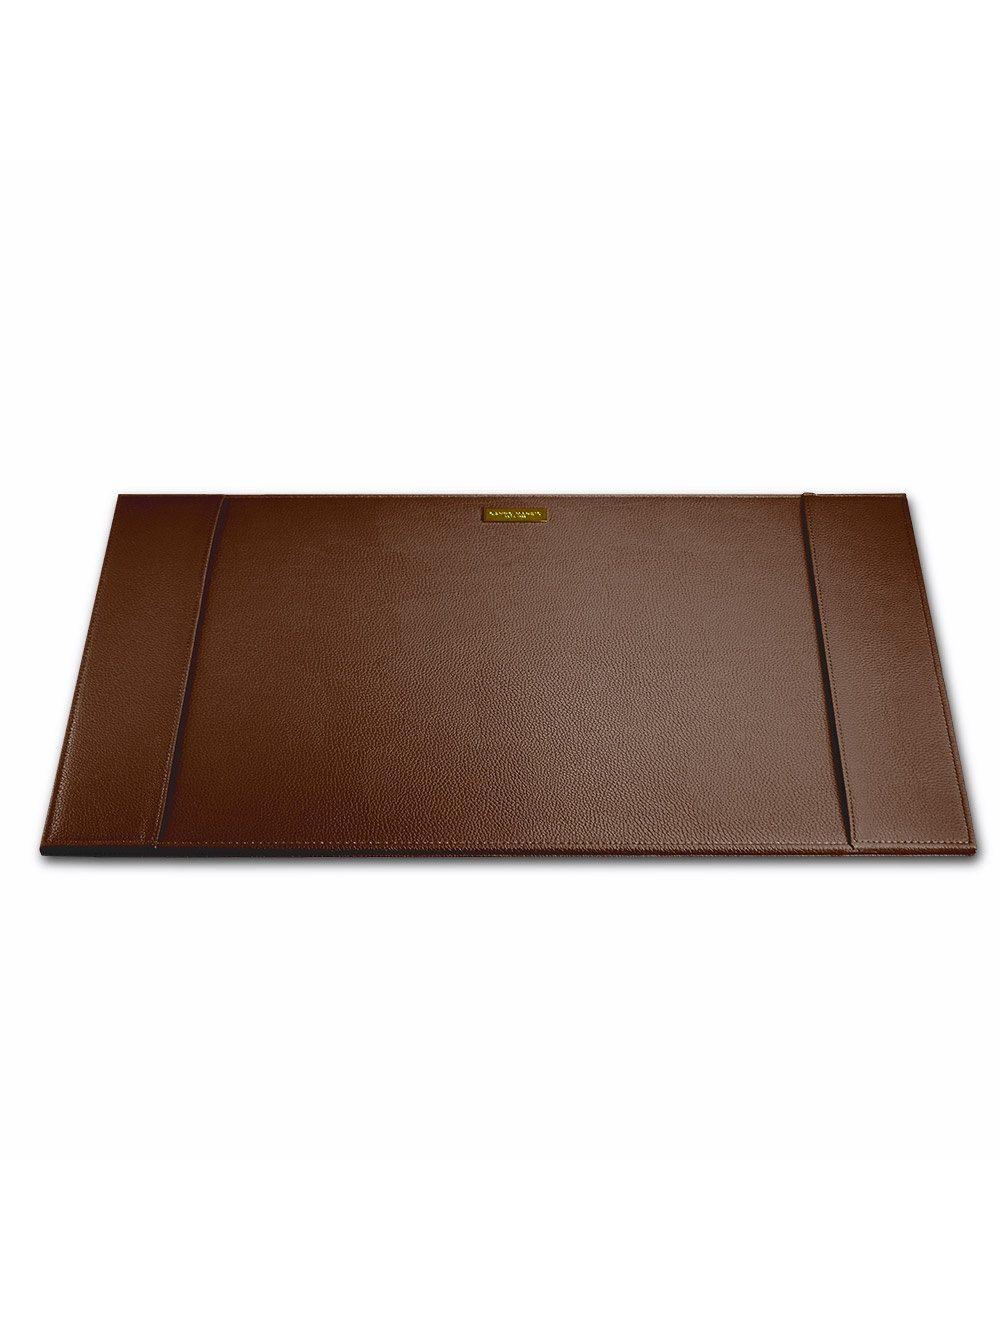 Desk Pad Metal Plate - Brown